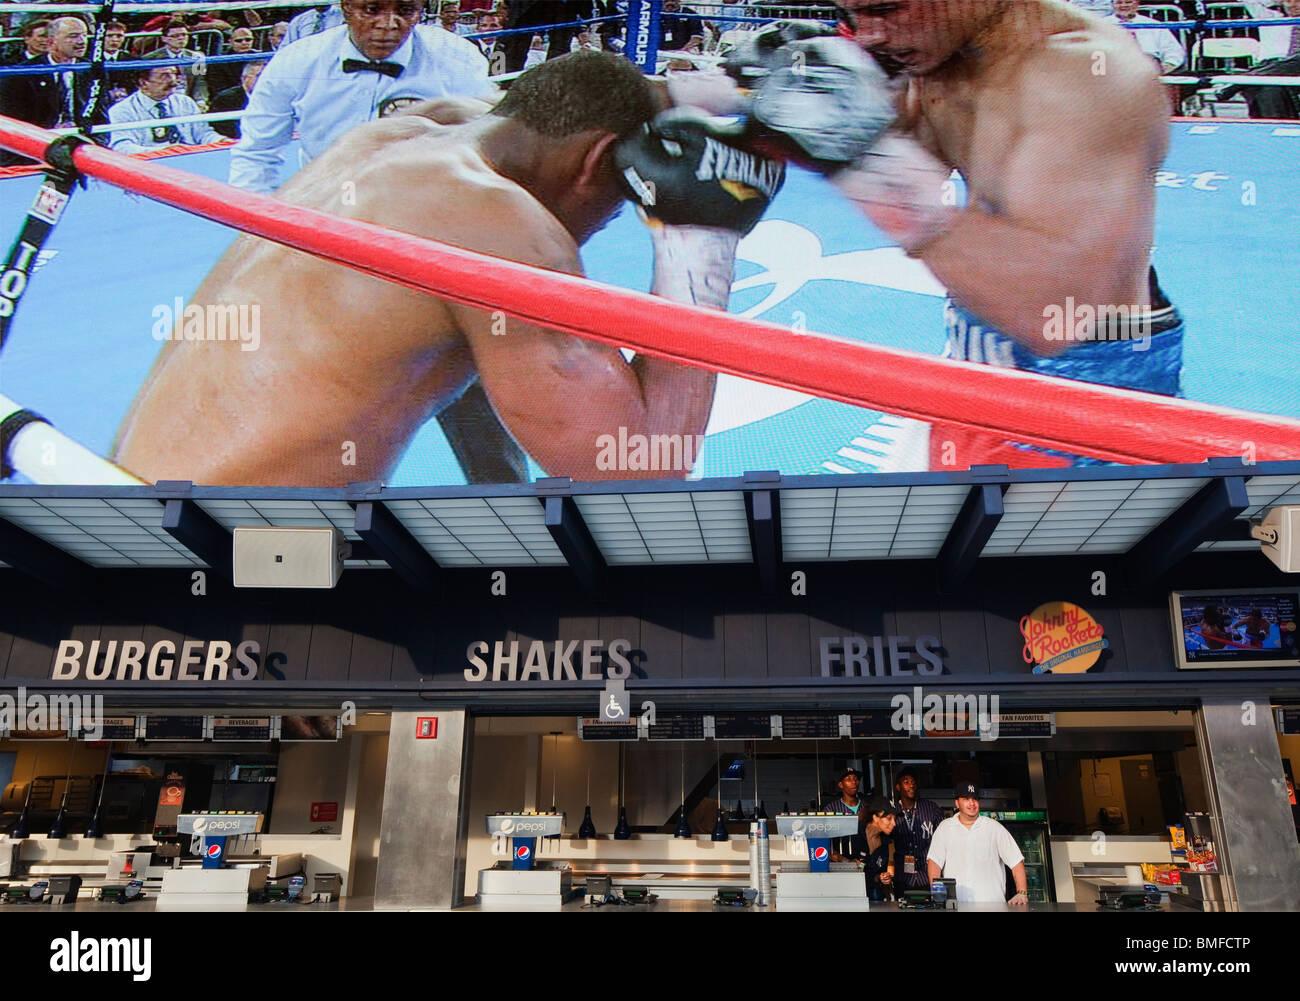 Lo Yankee Stadium stand alimentari i lavoratori si affacciano su di un incontro di pugilato come il mega schermo Immagini Stock